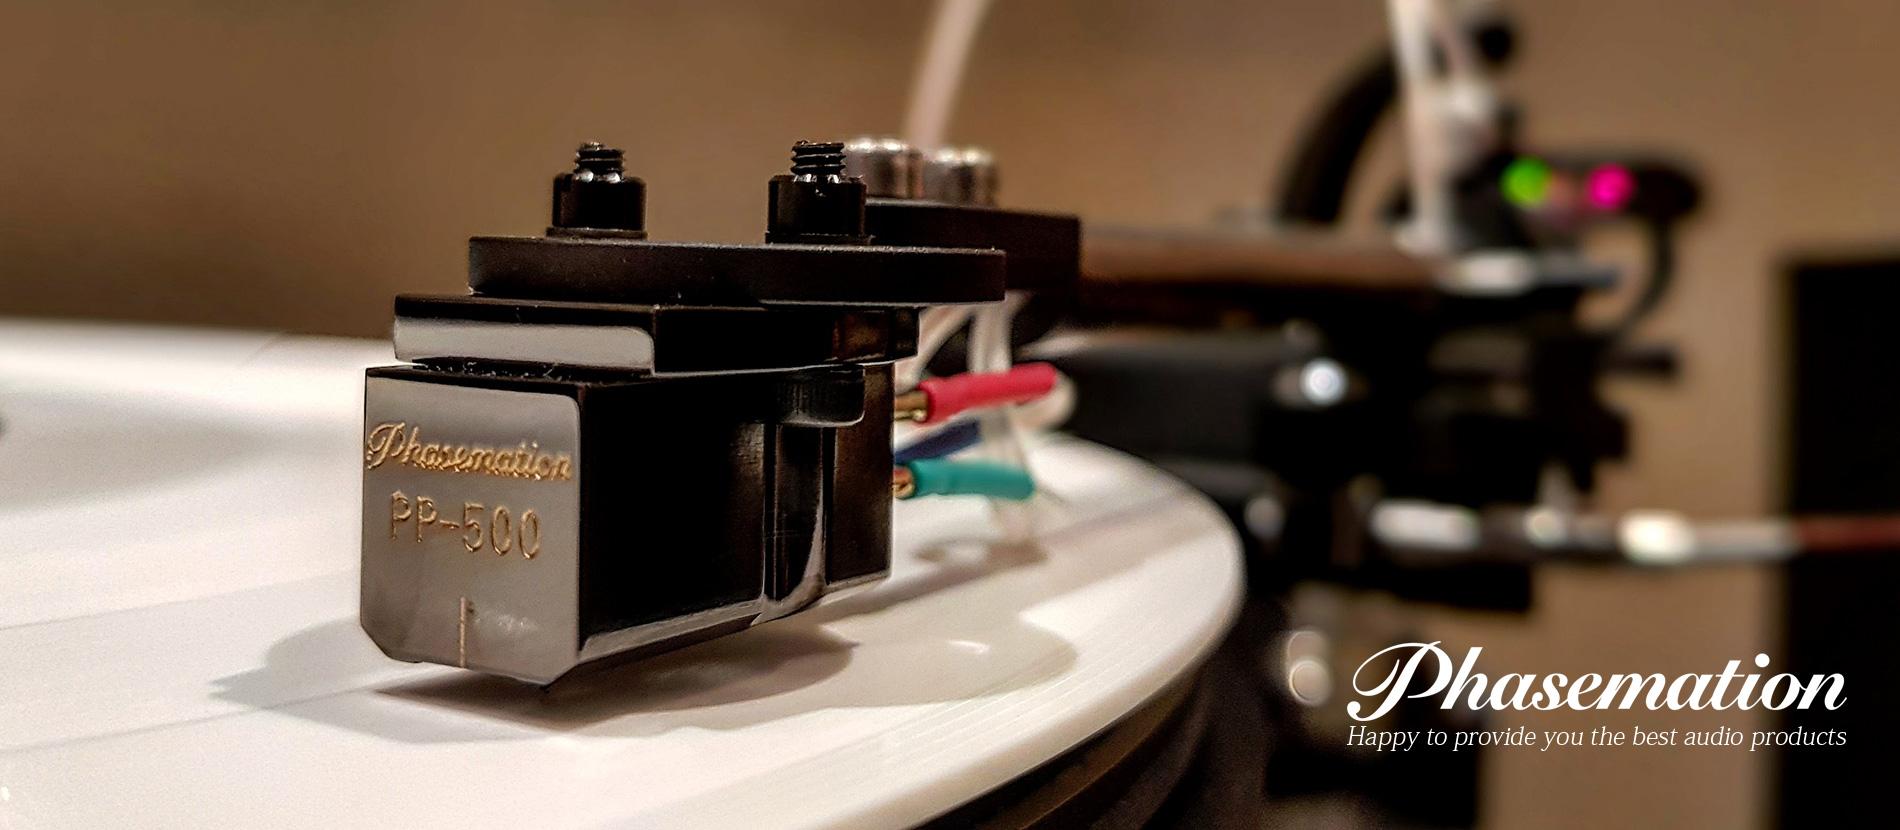 Phasenation Cartridge